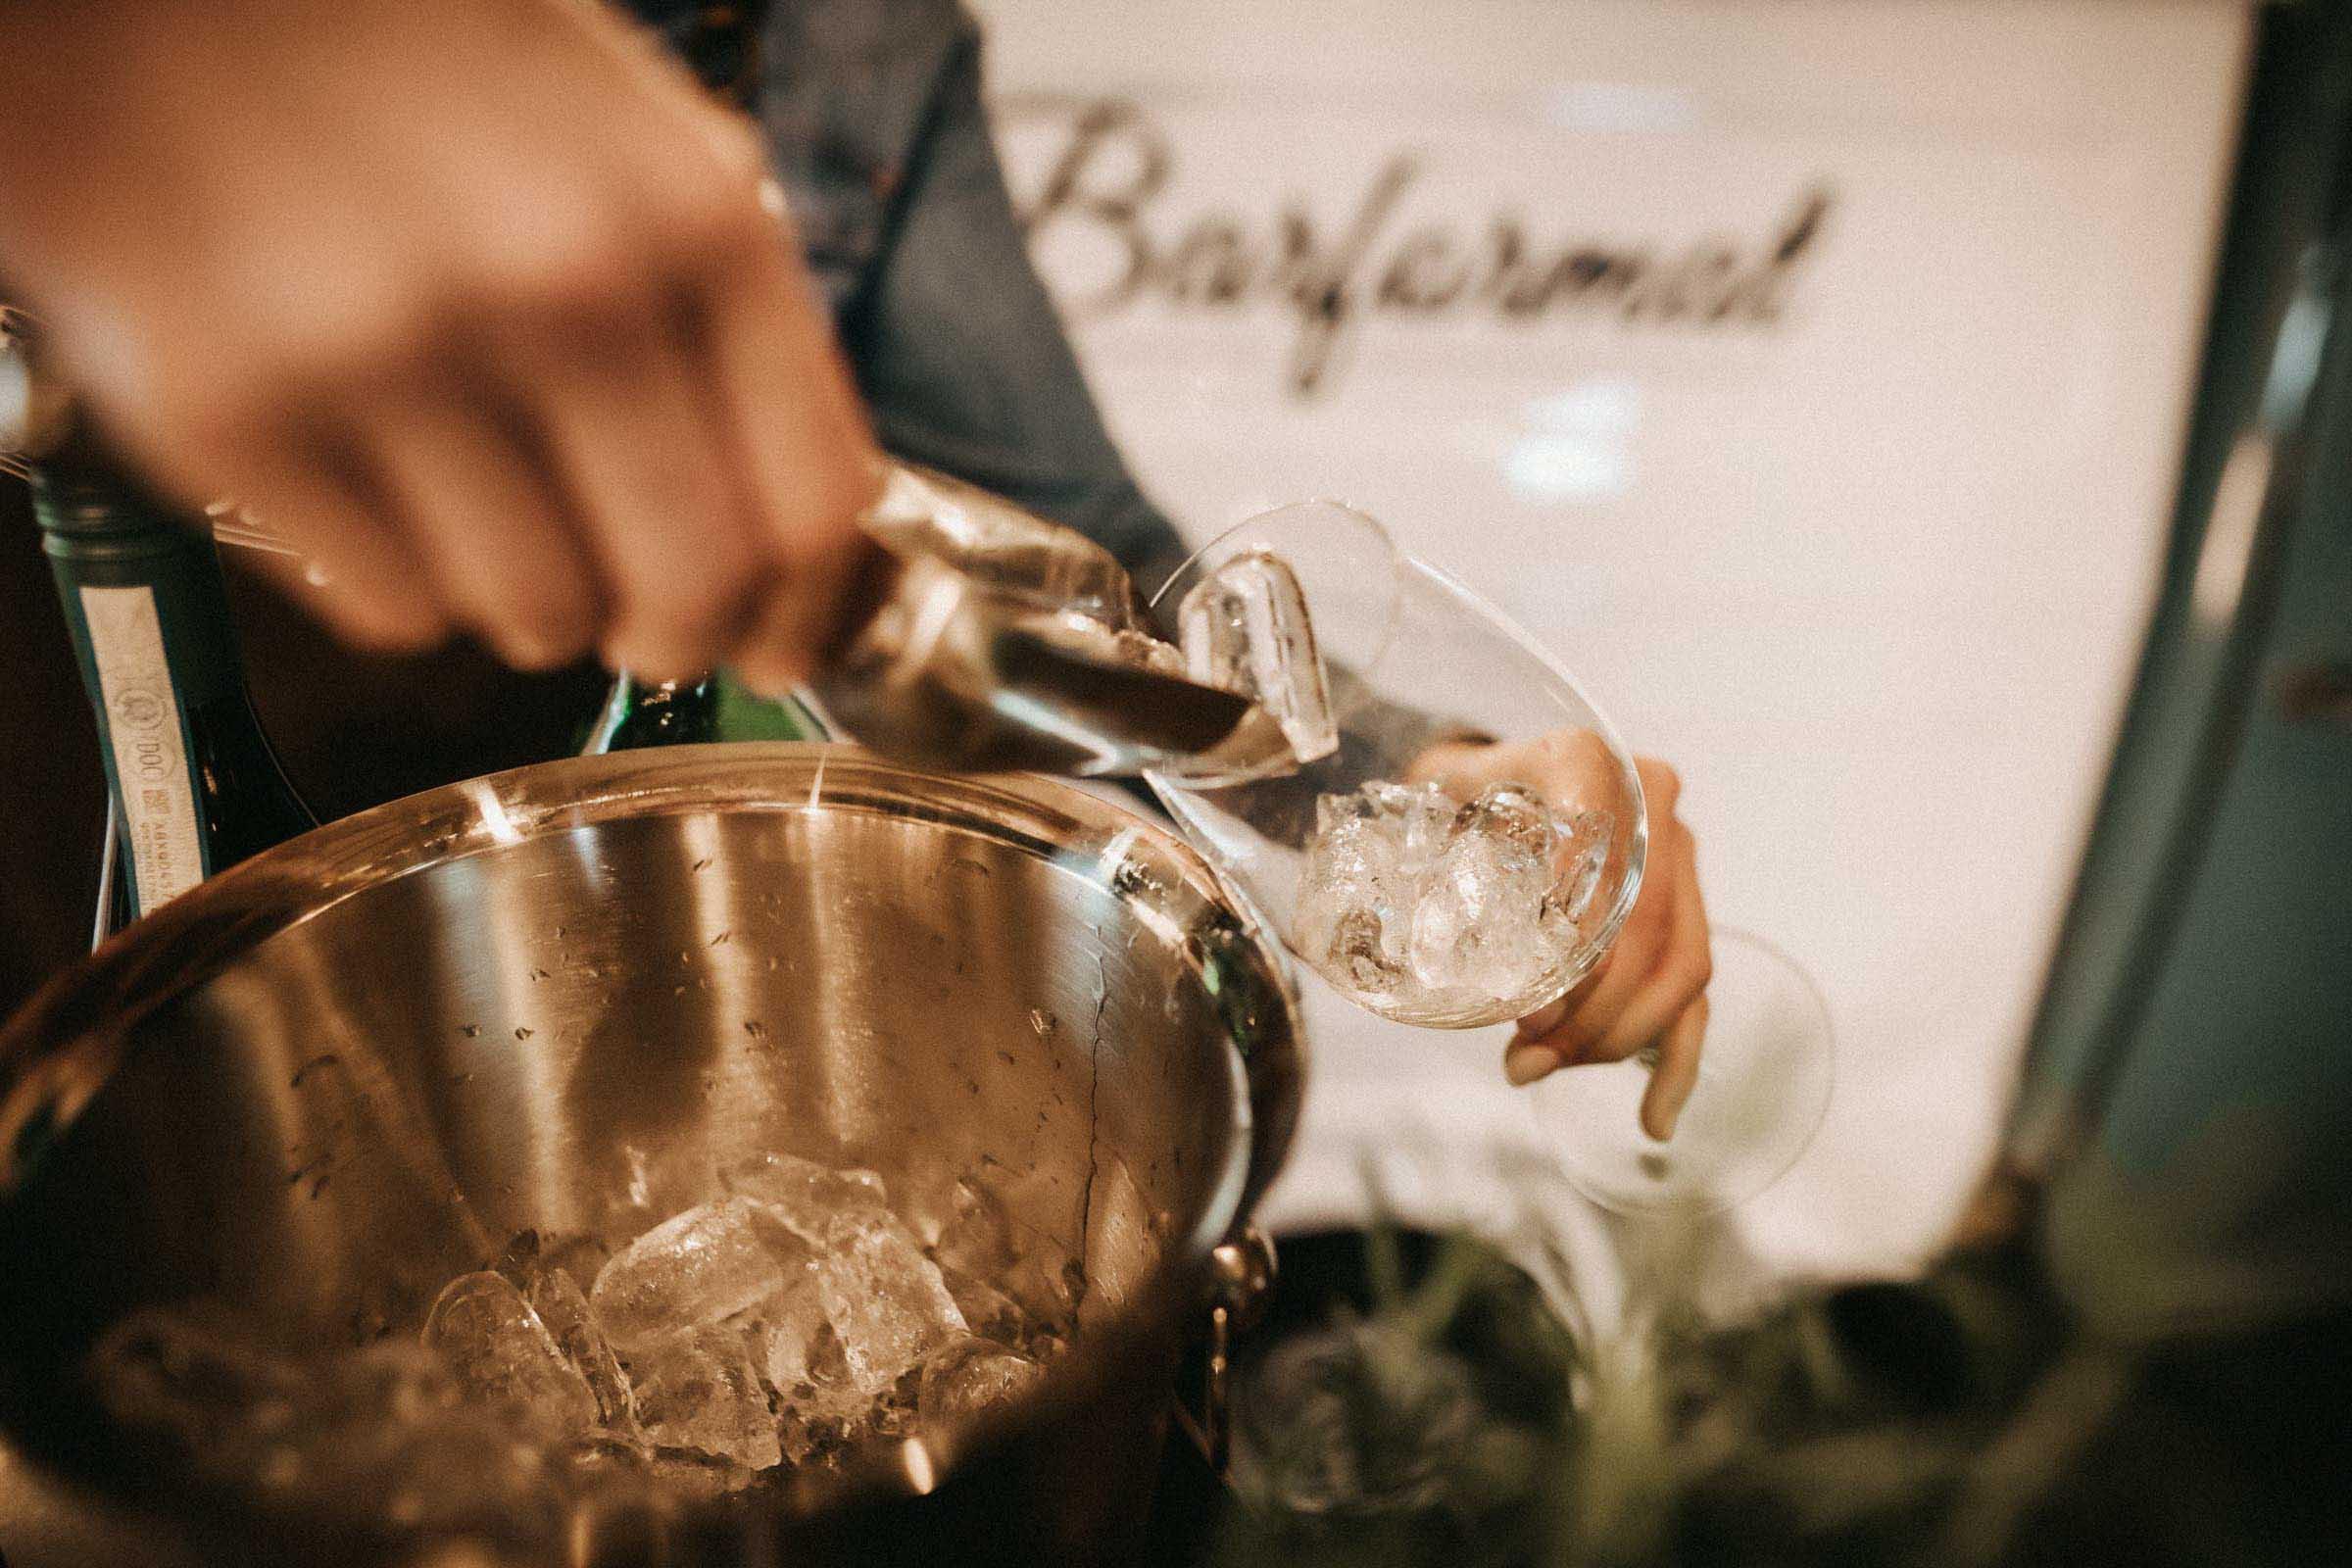 Lehmann | Eventservice | Mobile | Bar | Hannover | Hamburg | Bremen | Braunschweig | Cocktailbar | Sektempfang | Bulli | Bar | Cocktailservice | Barkeeper | Messen | Firmenfeiern | Hochzeit | Catering | Food | Truck | Getränke